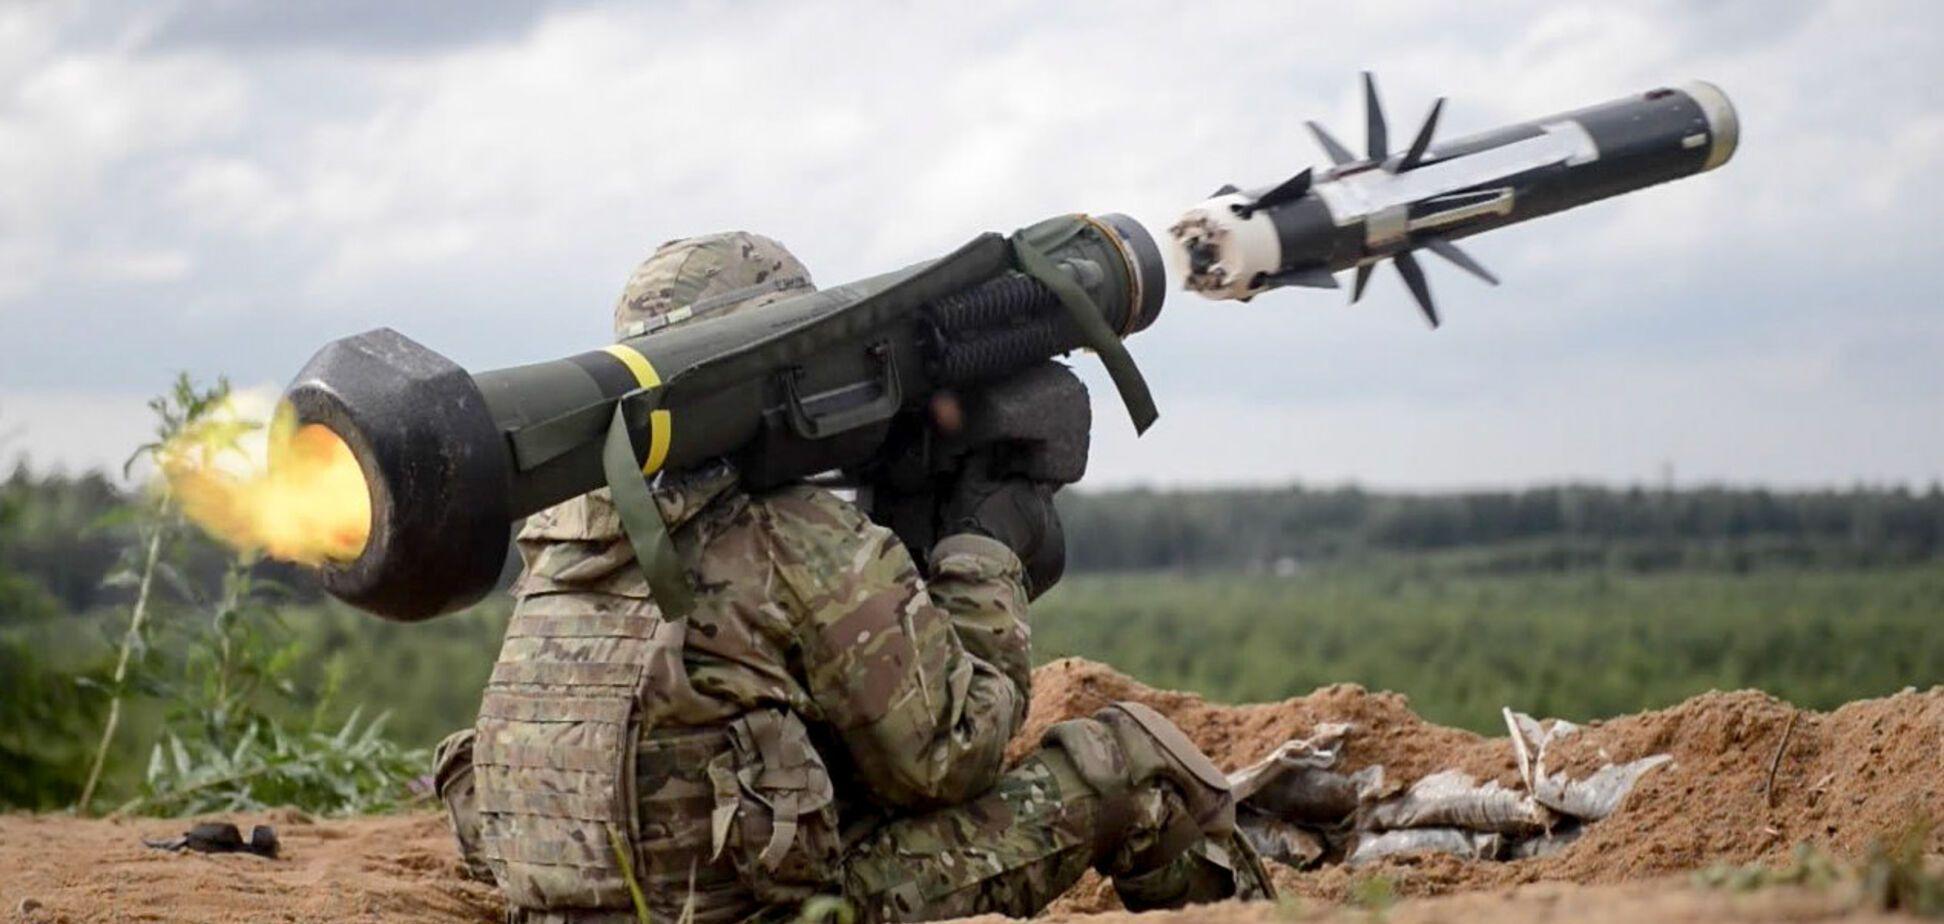 Миттєва відповідь мінометам і 'Градам': стало відомо, як США посилять ВСУ